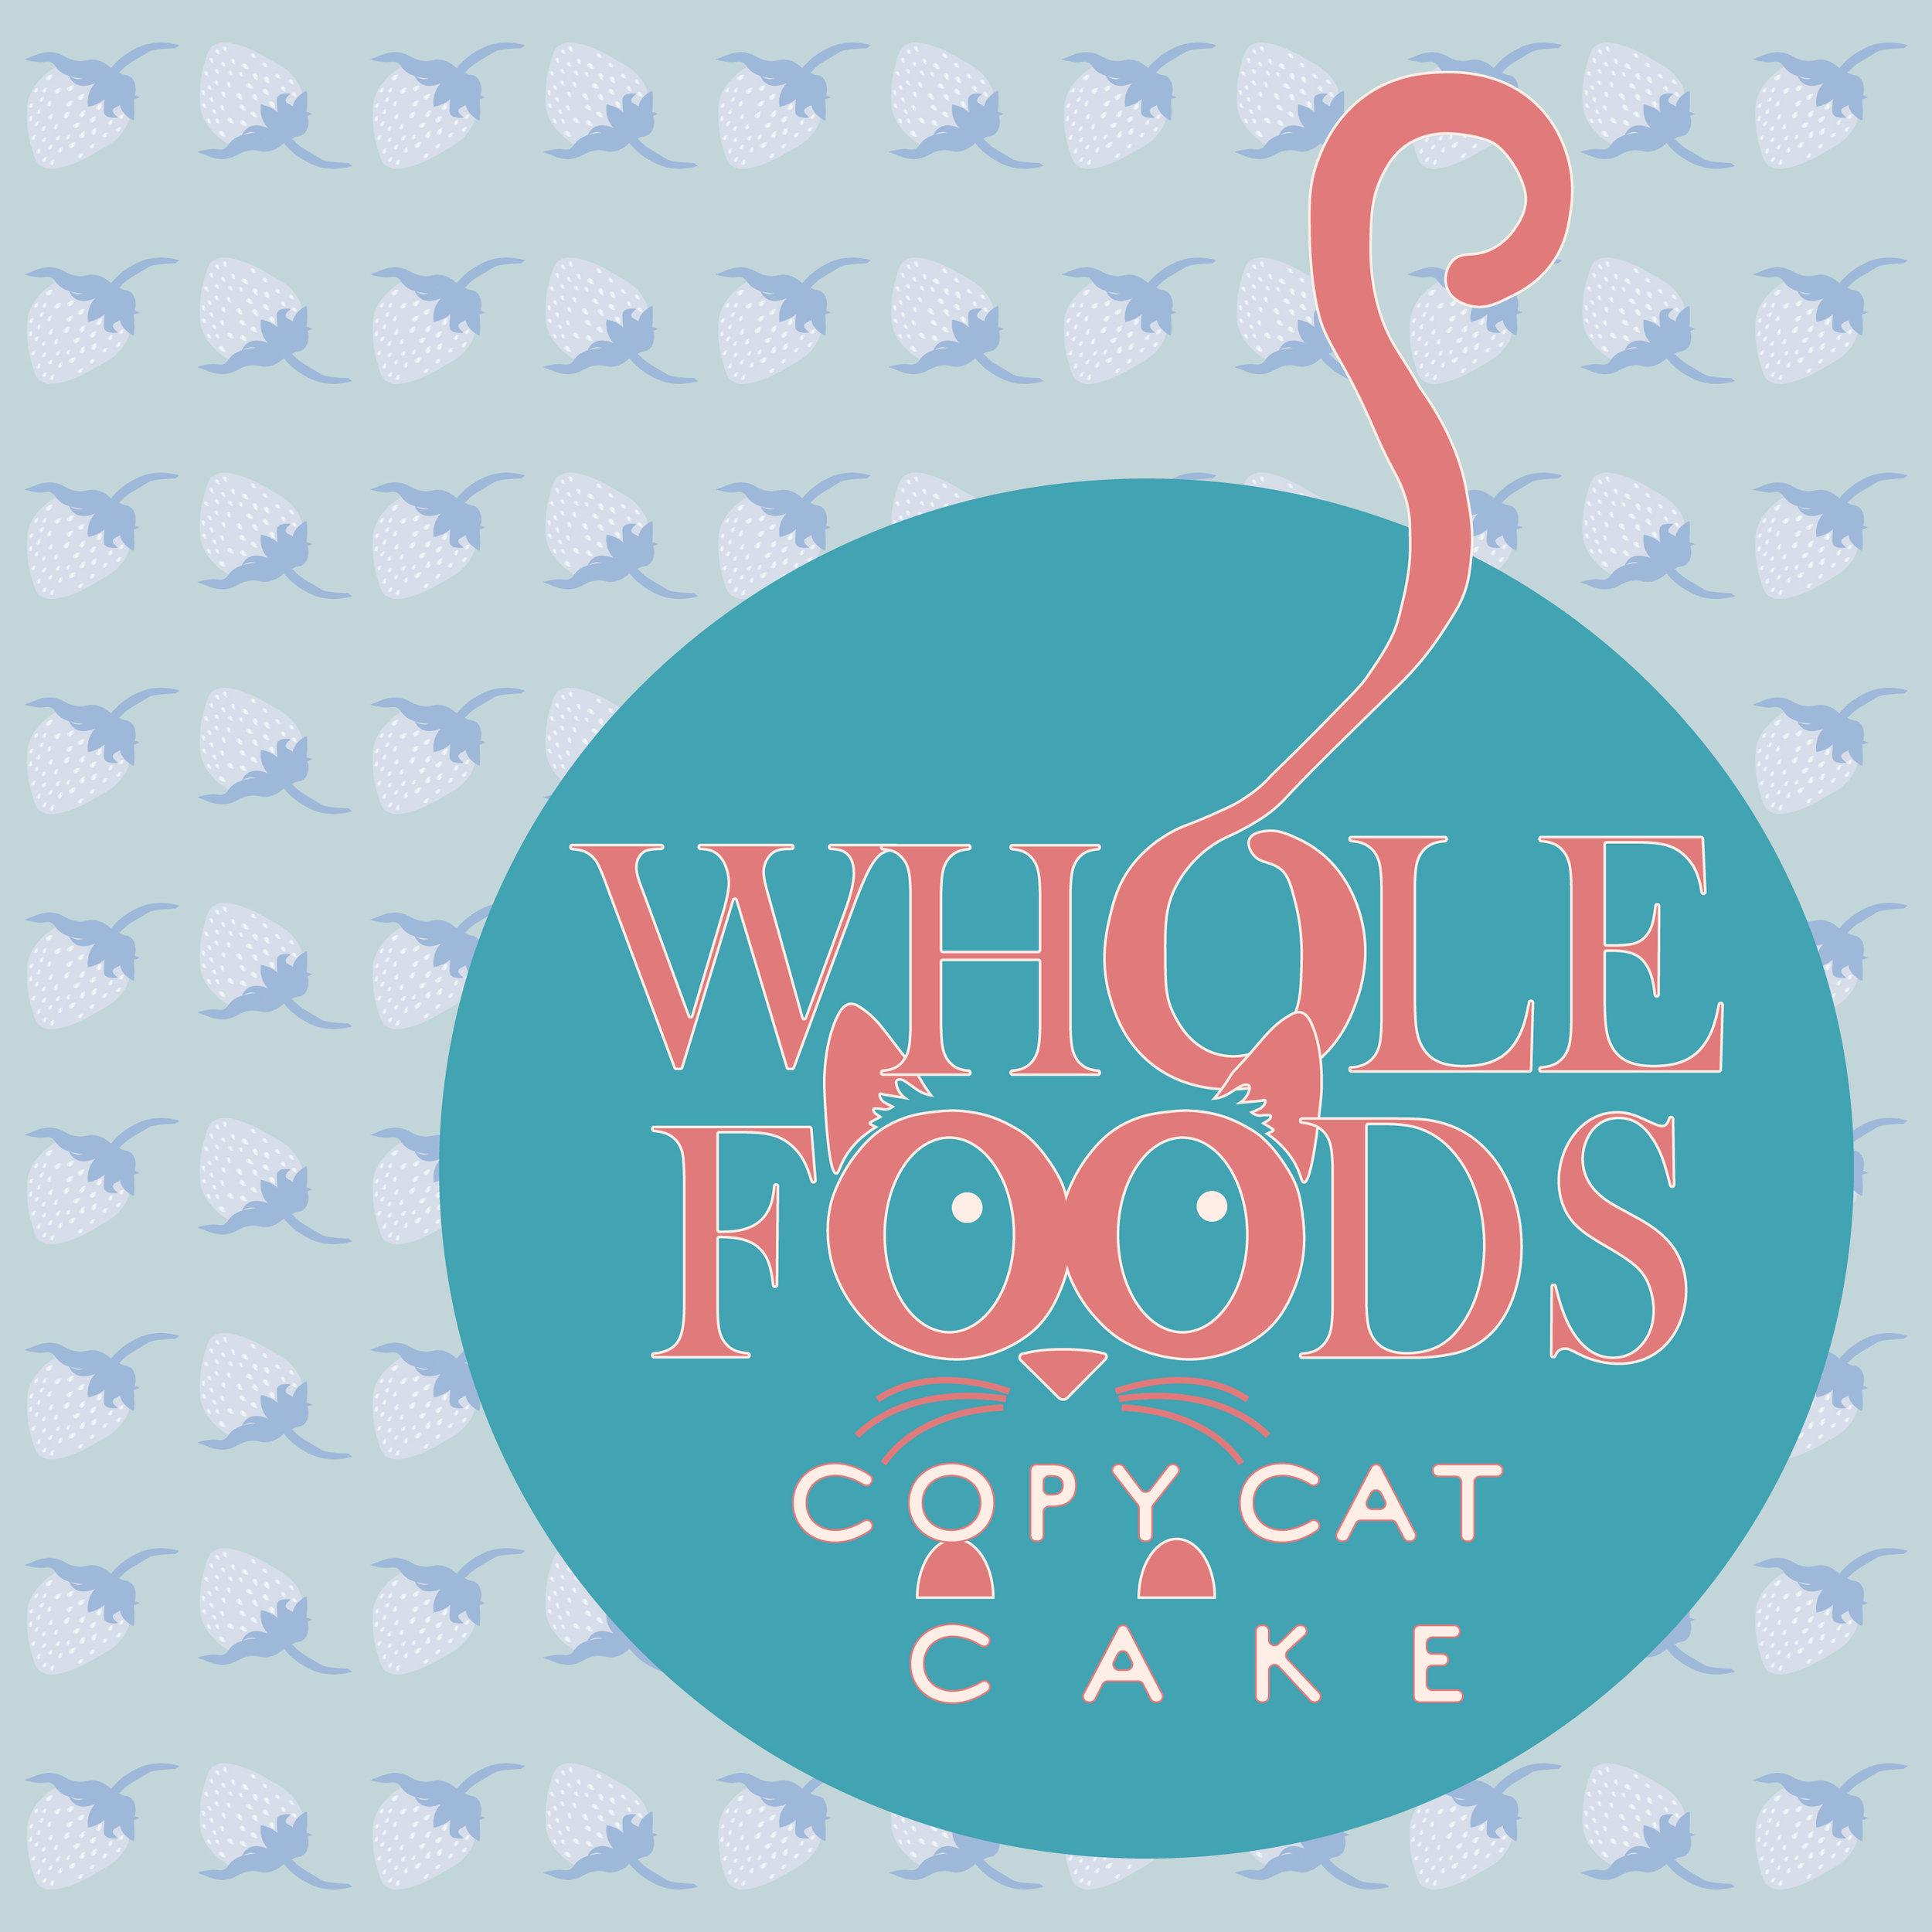 13 Copycat Cake.jpg